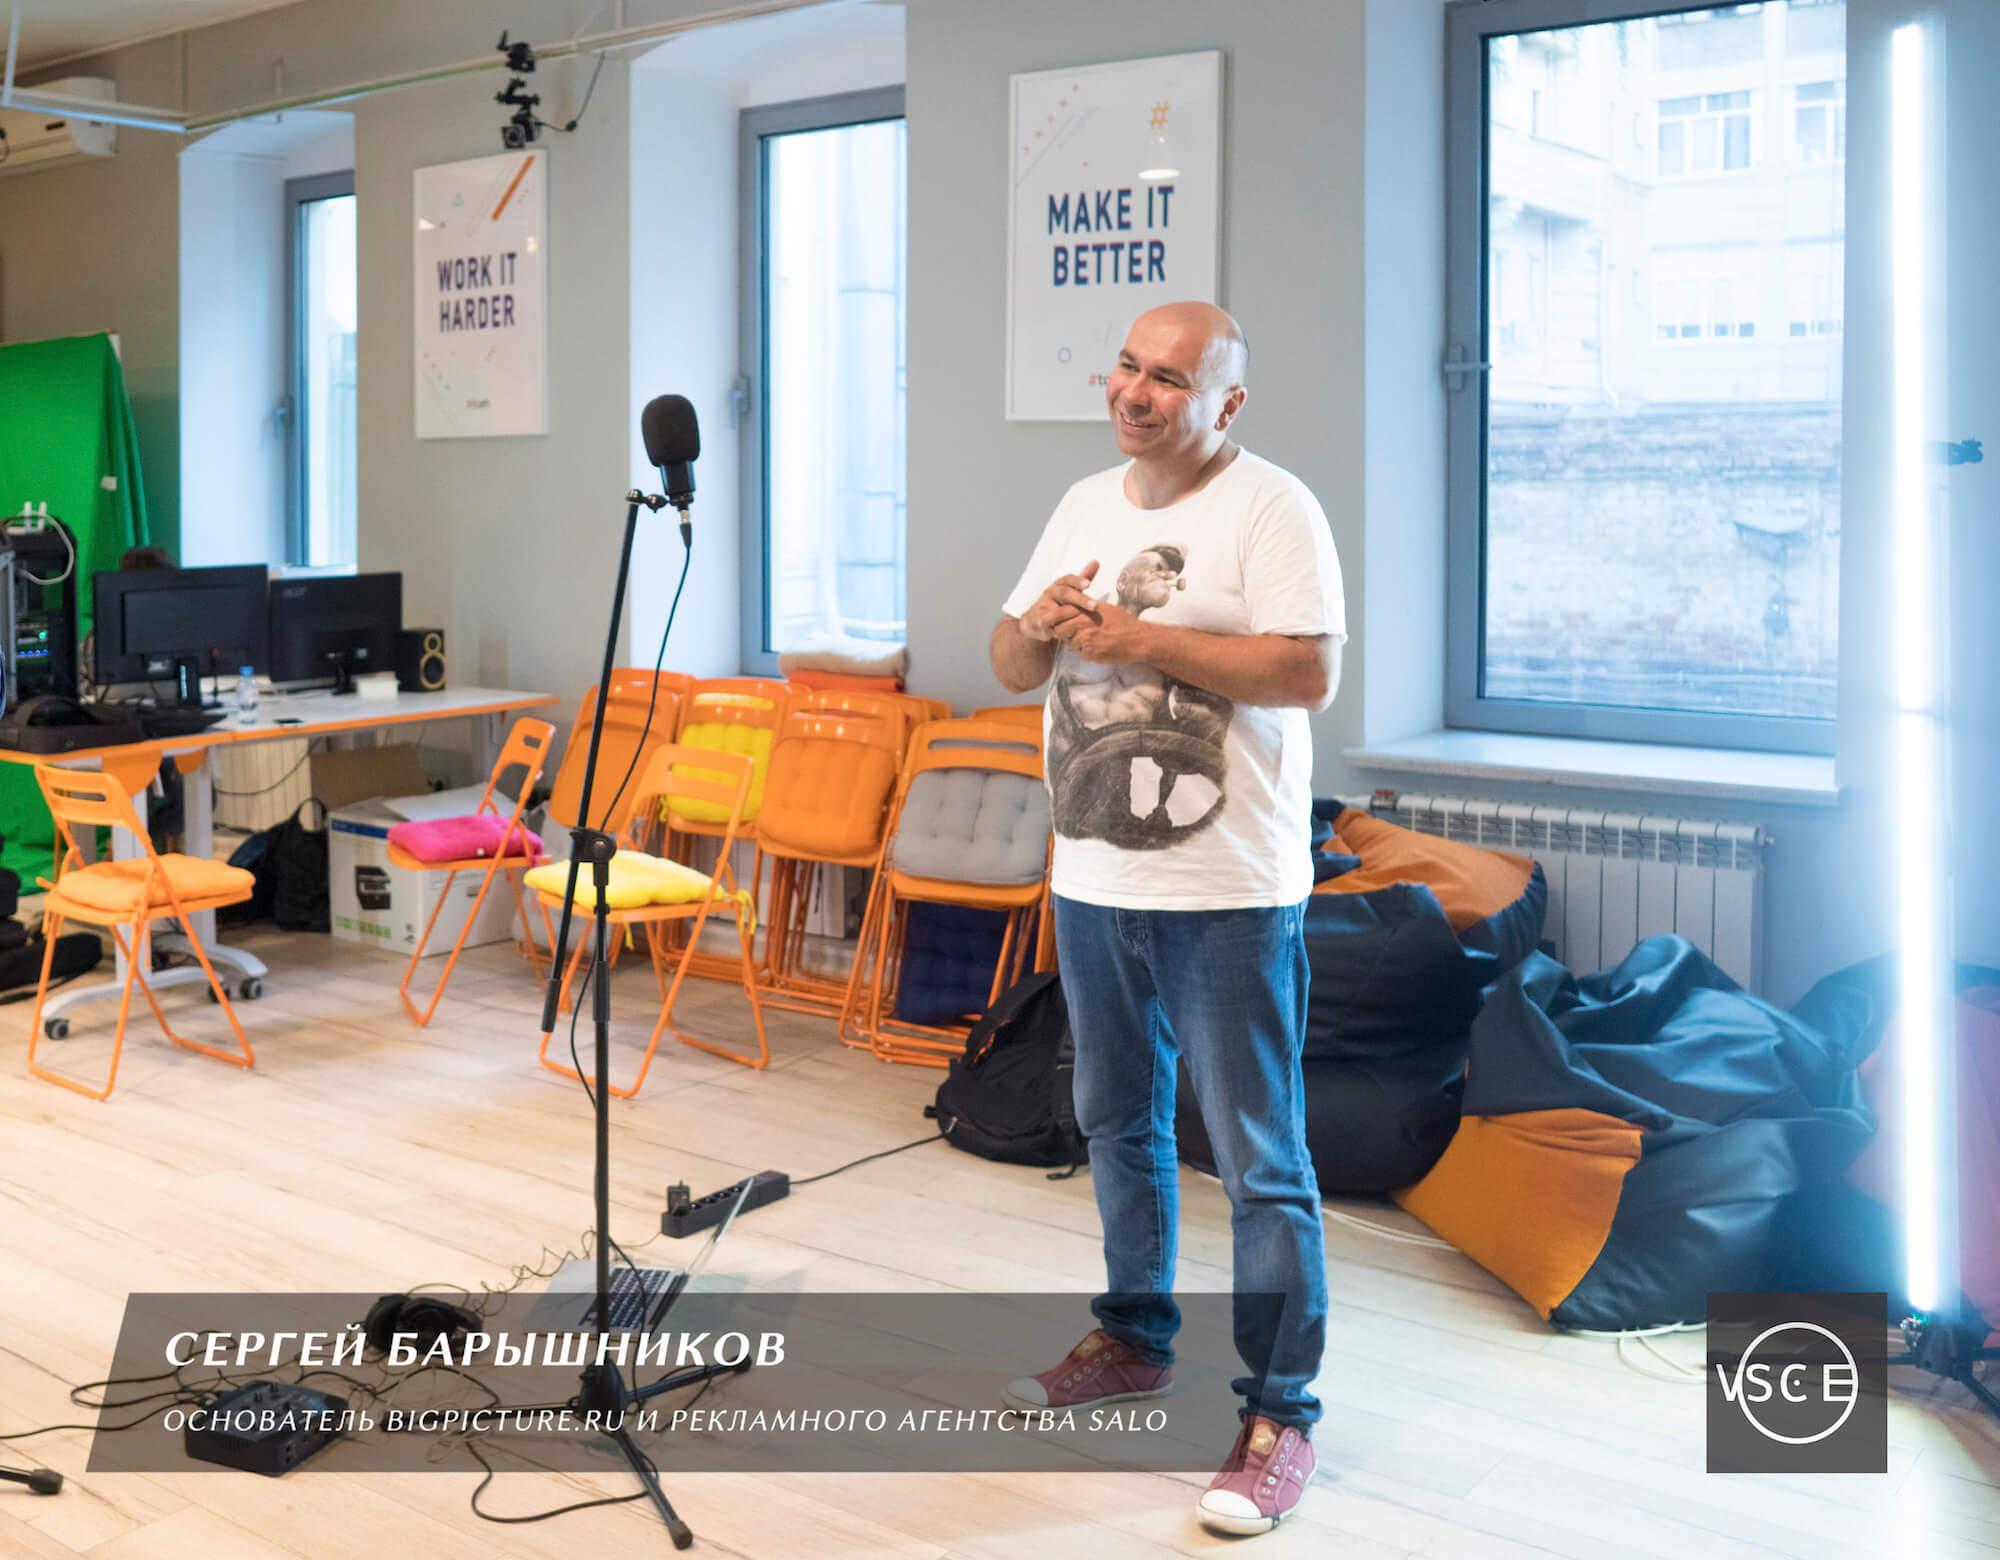 «VSCE»: новый подкаст про ИТ-предпринимателей - 1